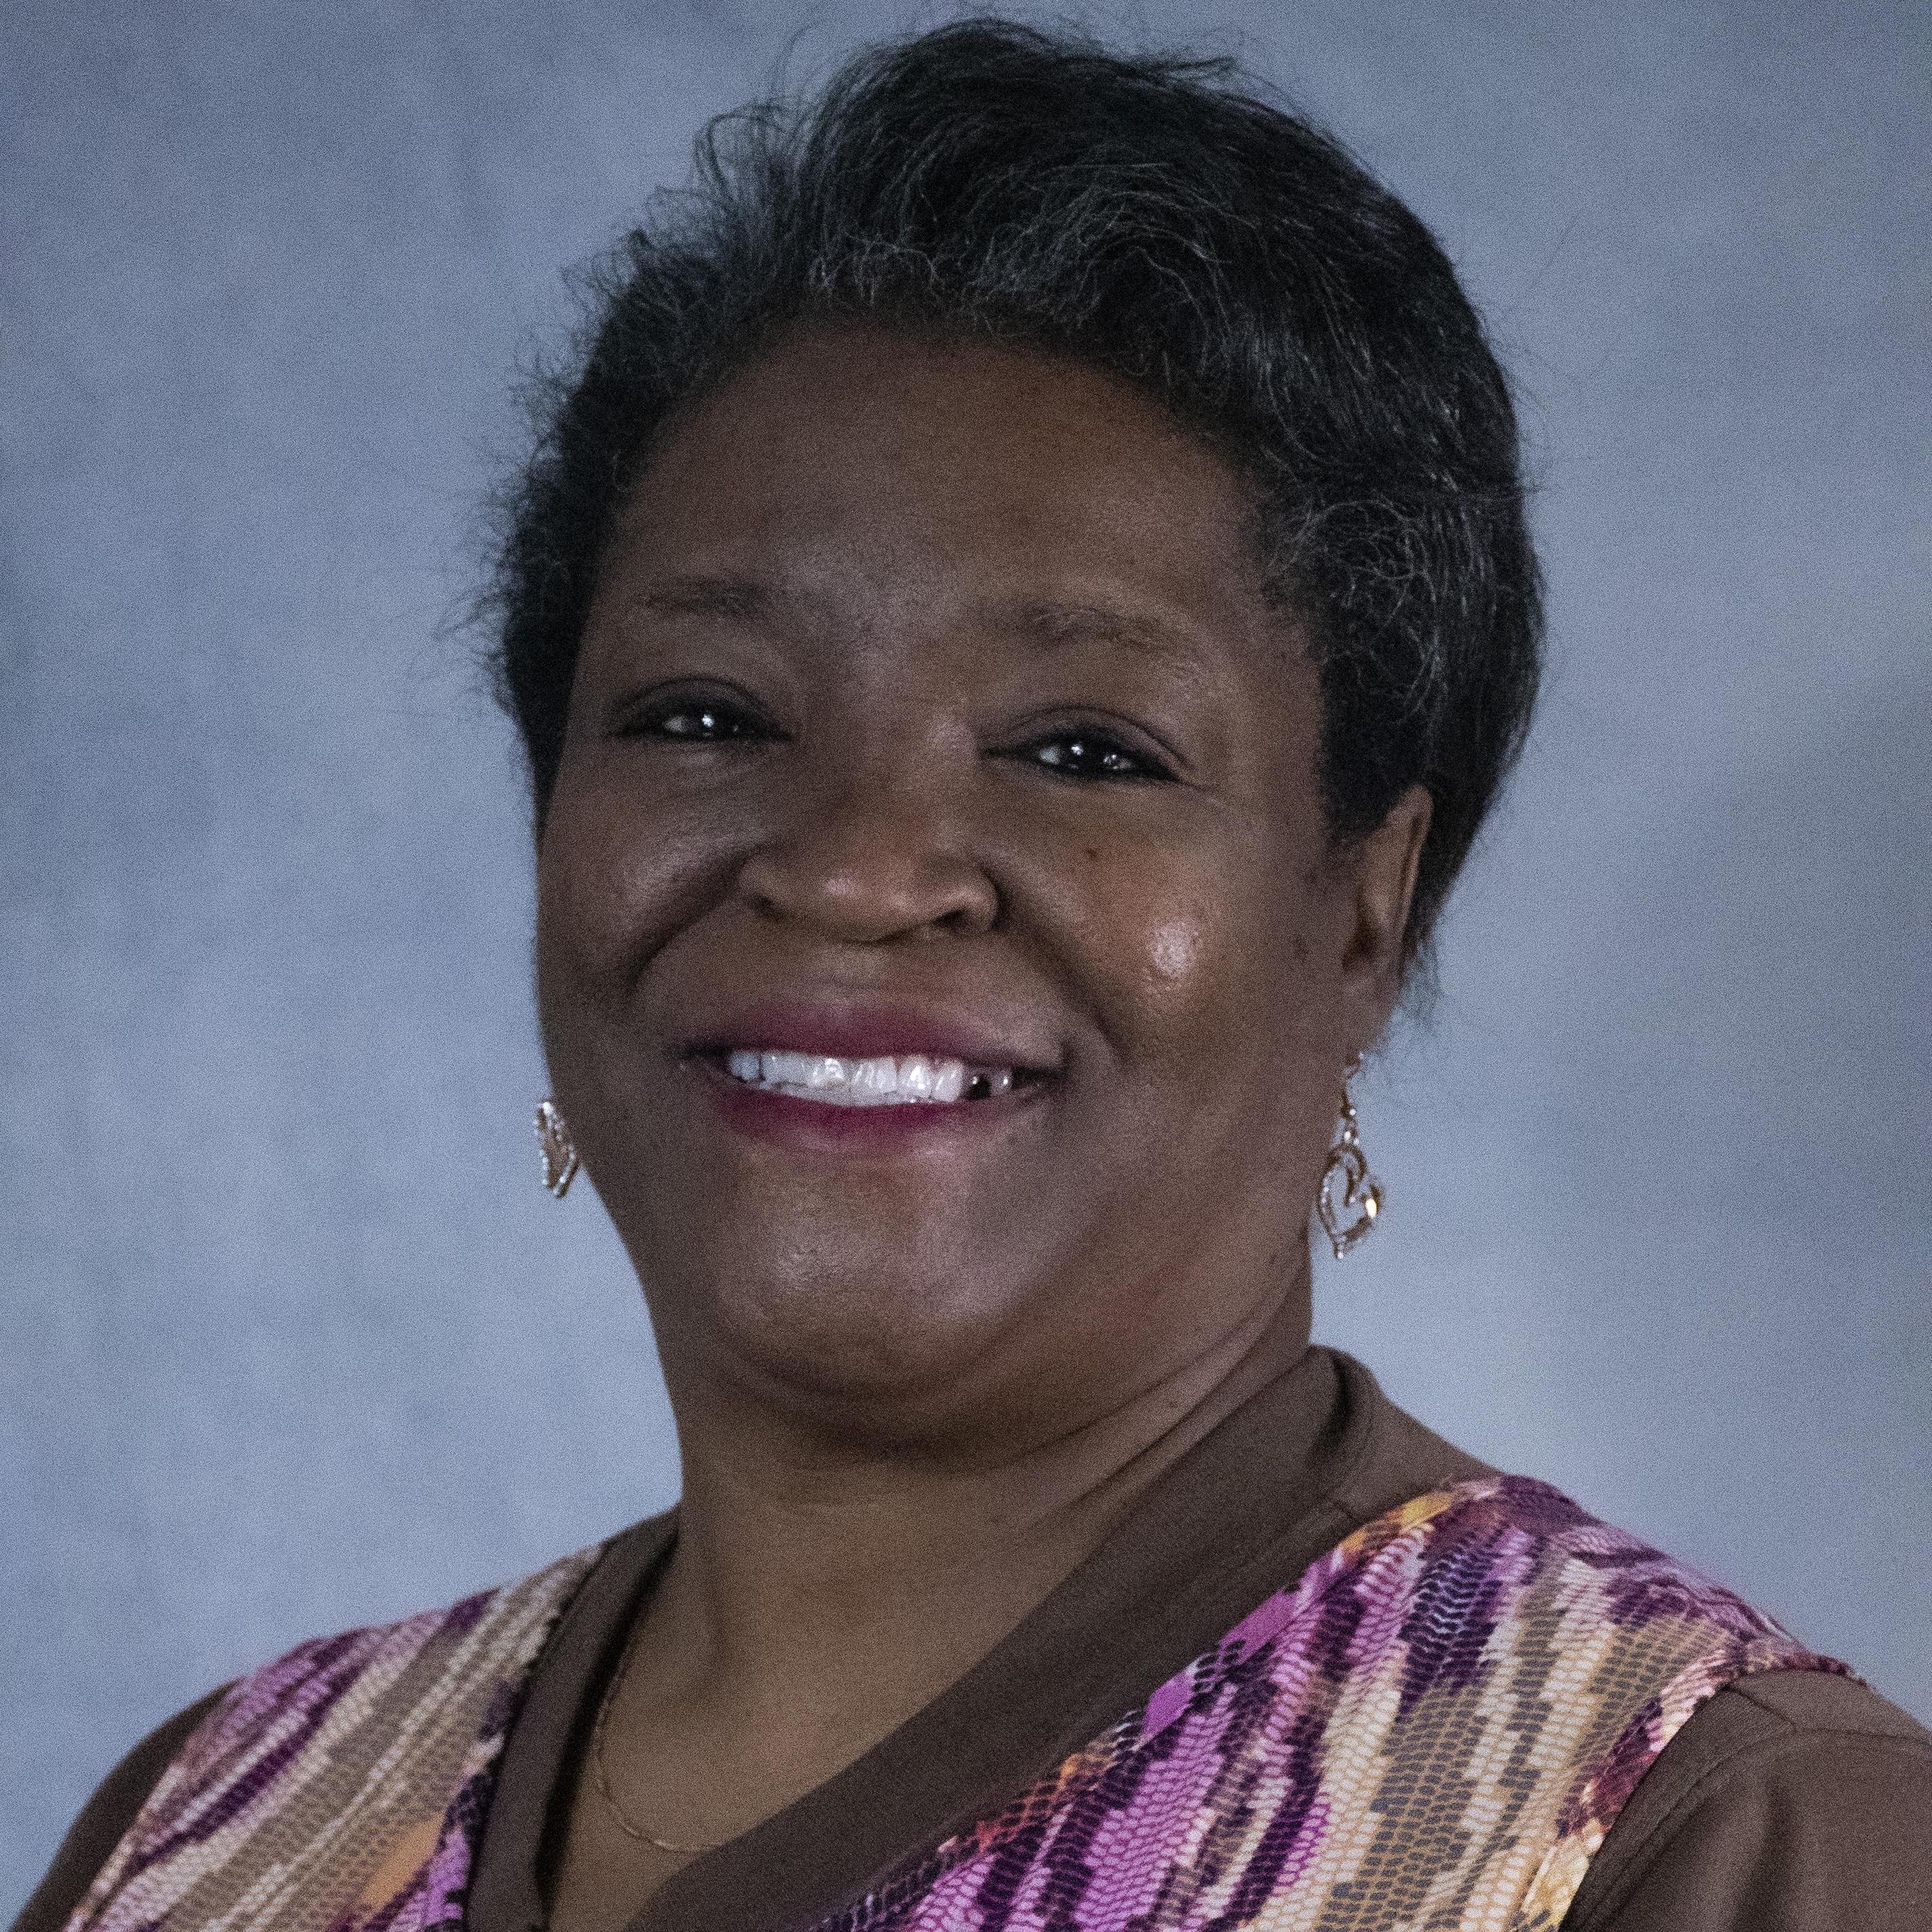 Physlea Neal's Profile Photo